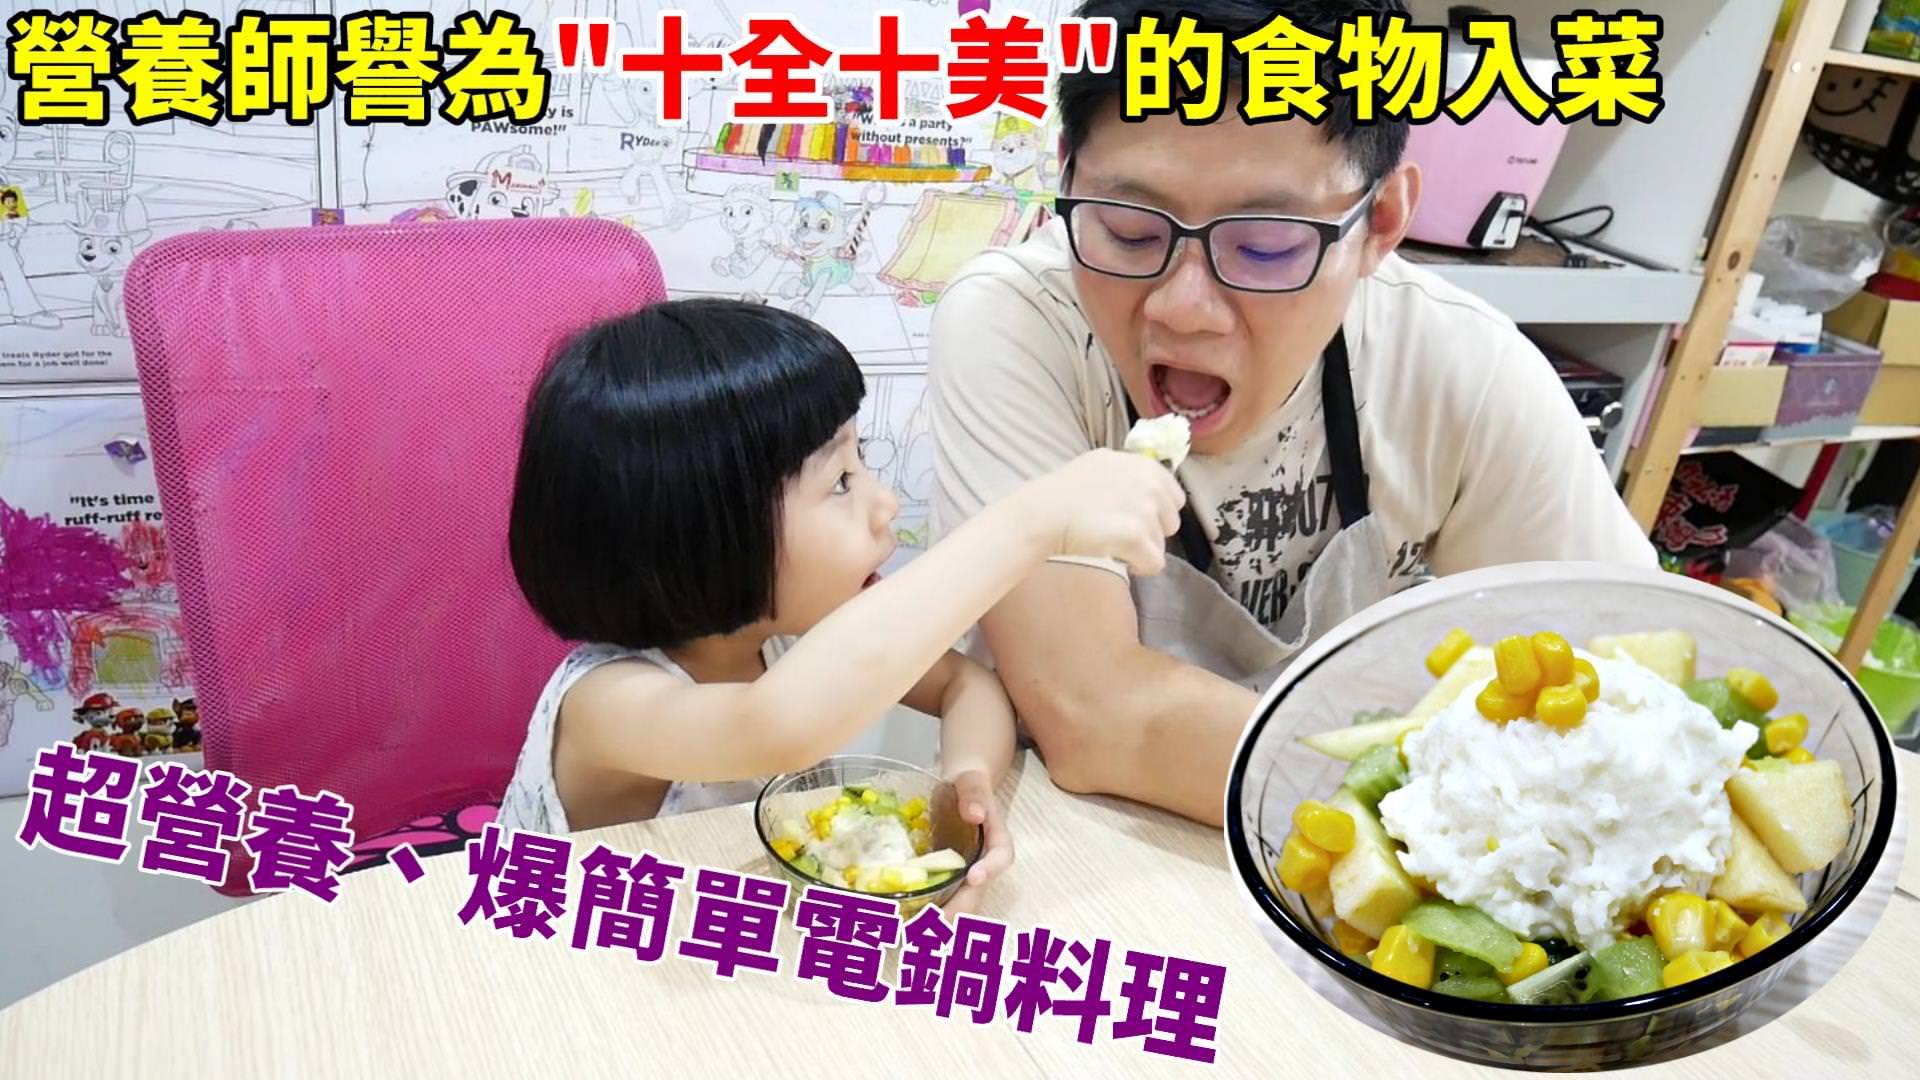 """[食譜]營養師譽為""""十全十美的食物""""入菜~超級營養、誇張簡單-「馬鈴薯水果沙拉」上菜囉!"""